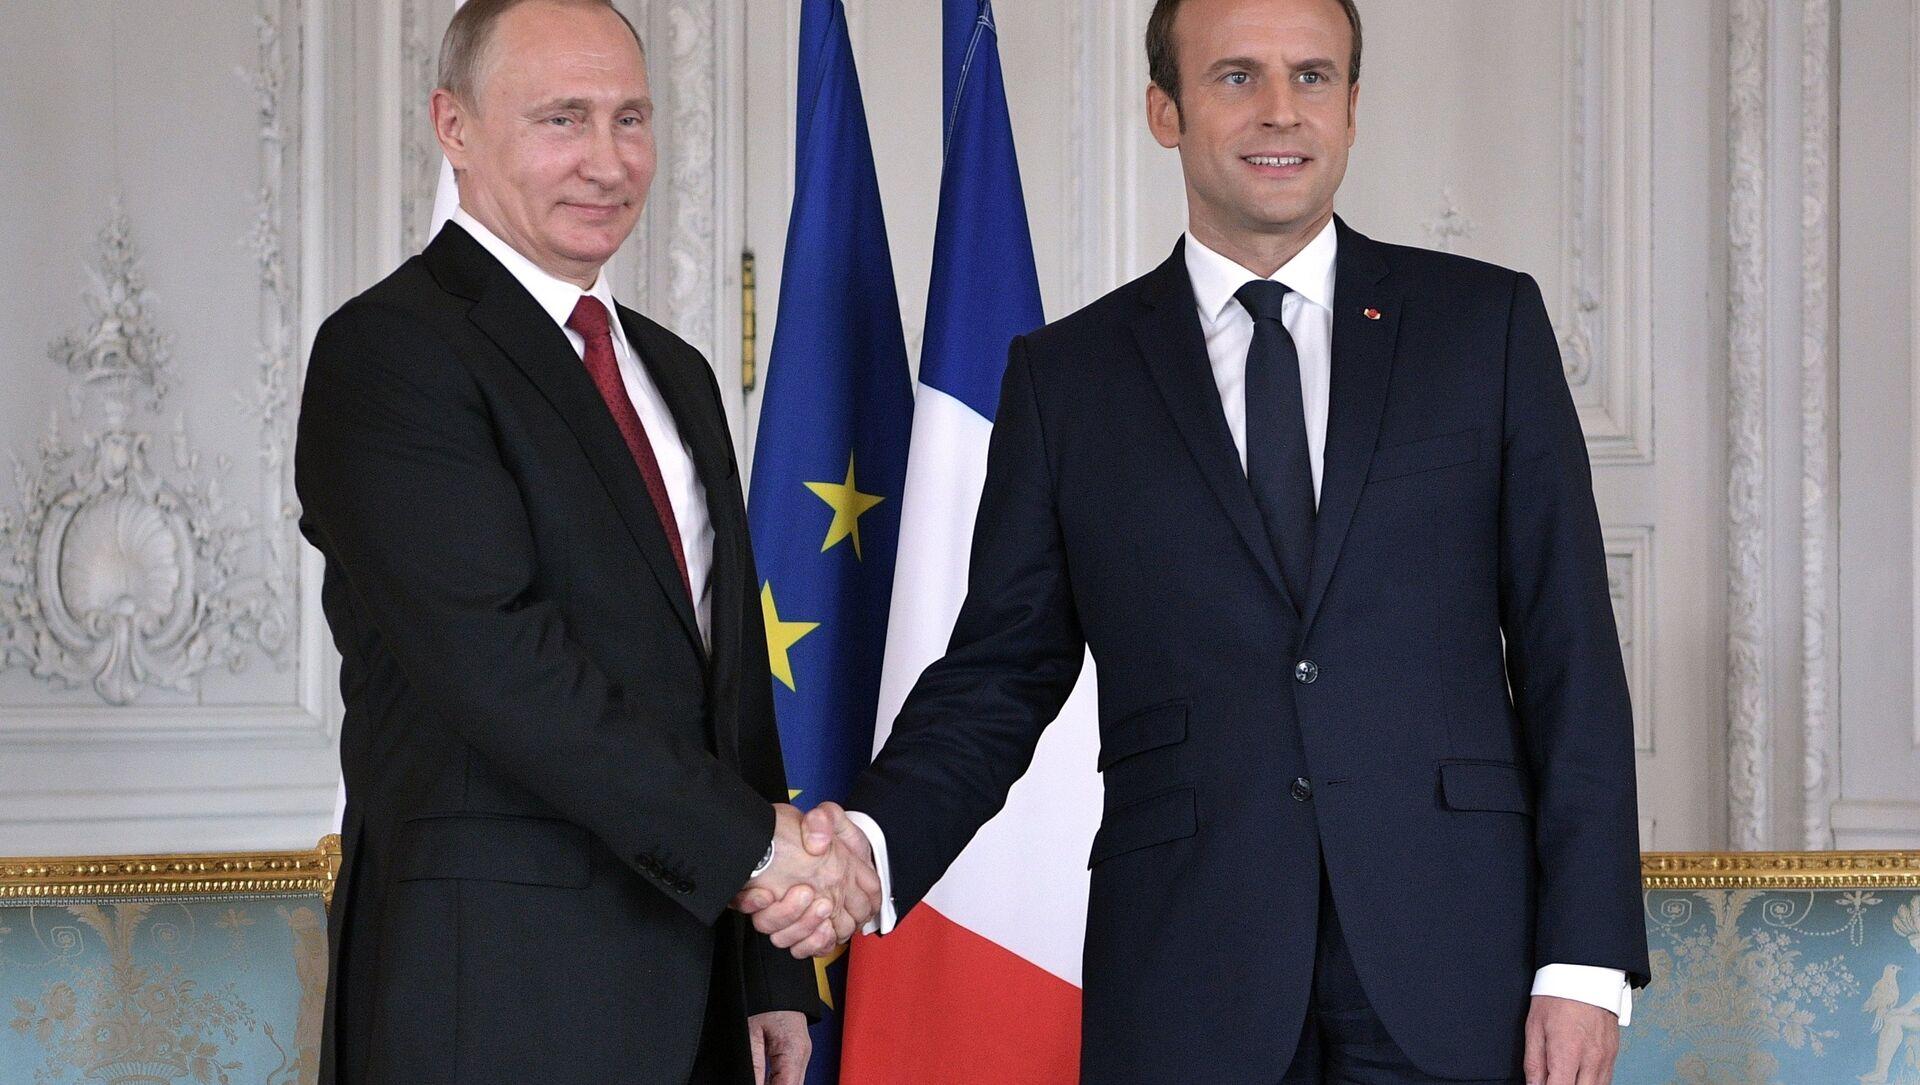 Rusya Devlet Başkanı Vladimir Putin ve Fransa Cumhurbaşkanı Emmanuel Macron - Sputnik Türkiye, 1920, 26.04.2021